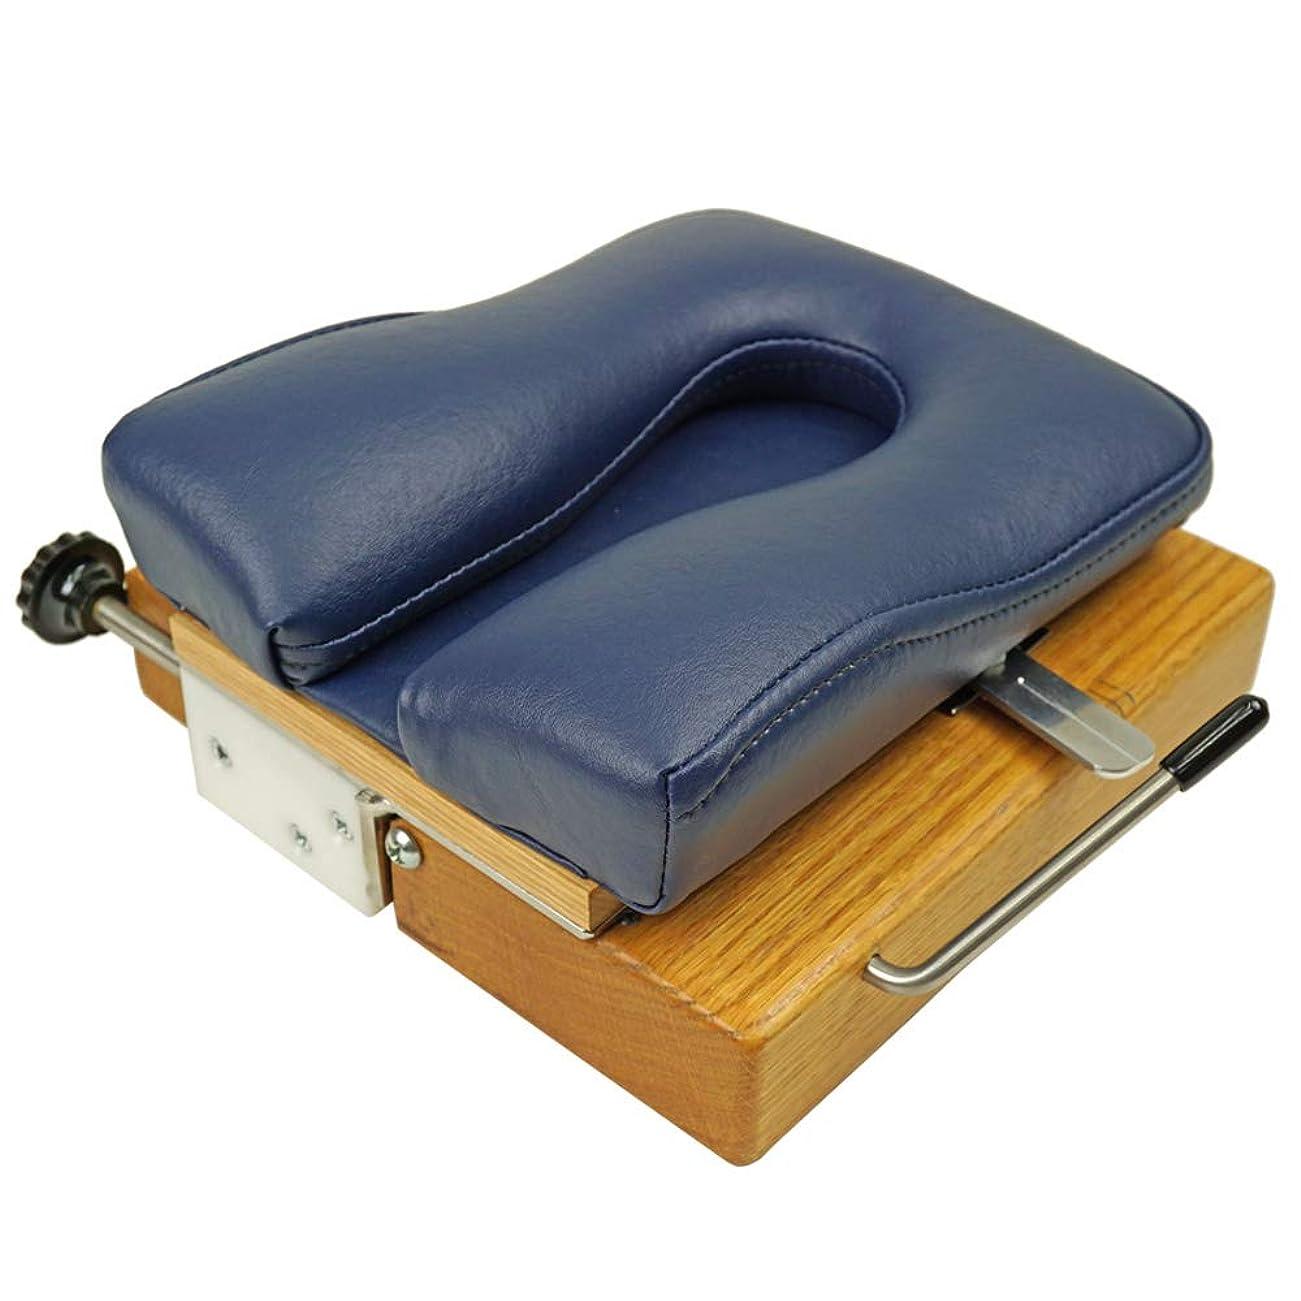 サーバ複合まっすぐにするLLOYD (ロイドテーブル) 可変式 ターグルリコイル ドロップ ポータブルドロップ 【 ヘッドピース 上部頚椎用 】